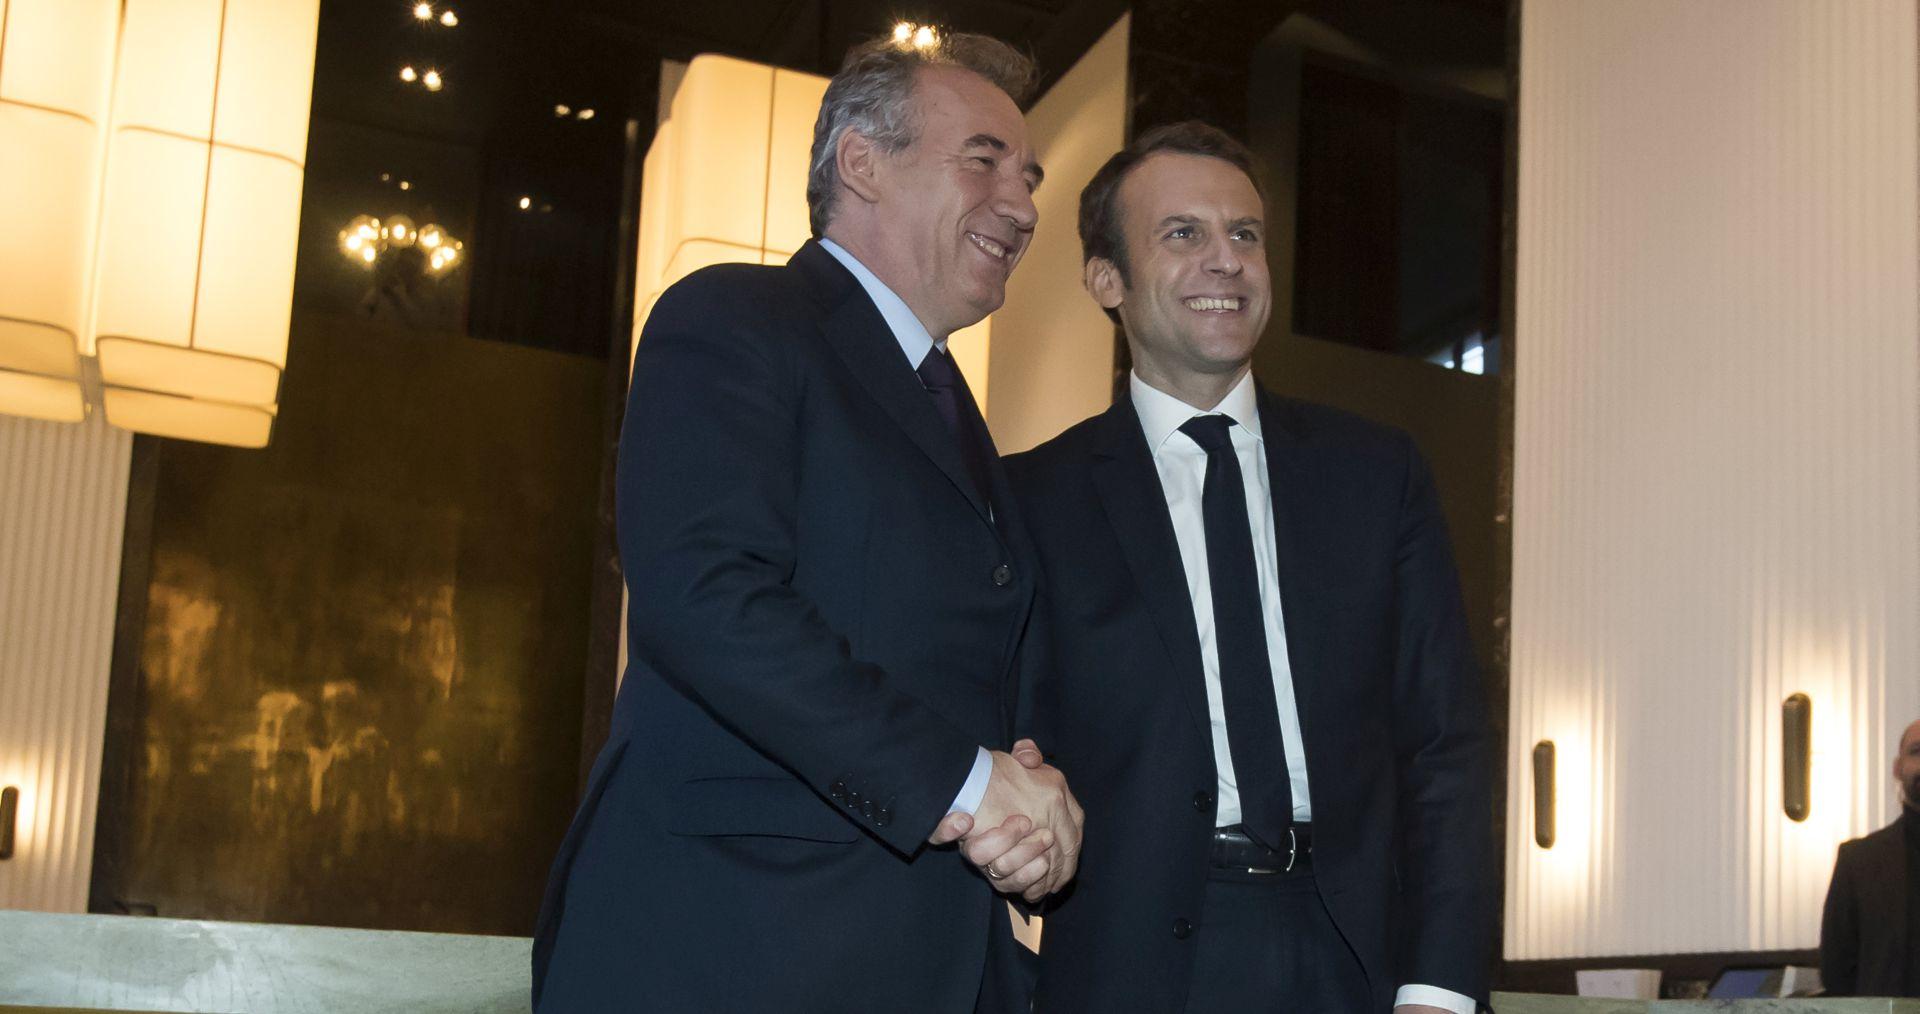 ANKETA Macron će u drugom krugu pobijediti Le Pen sa 61 posto glasova